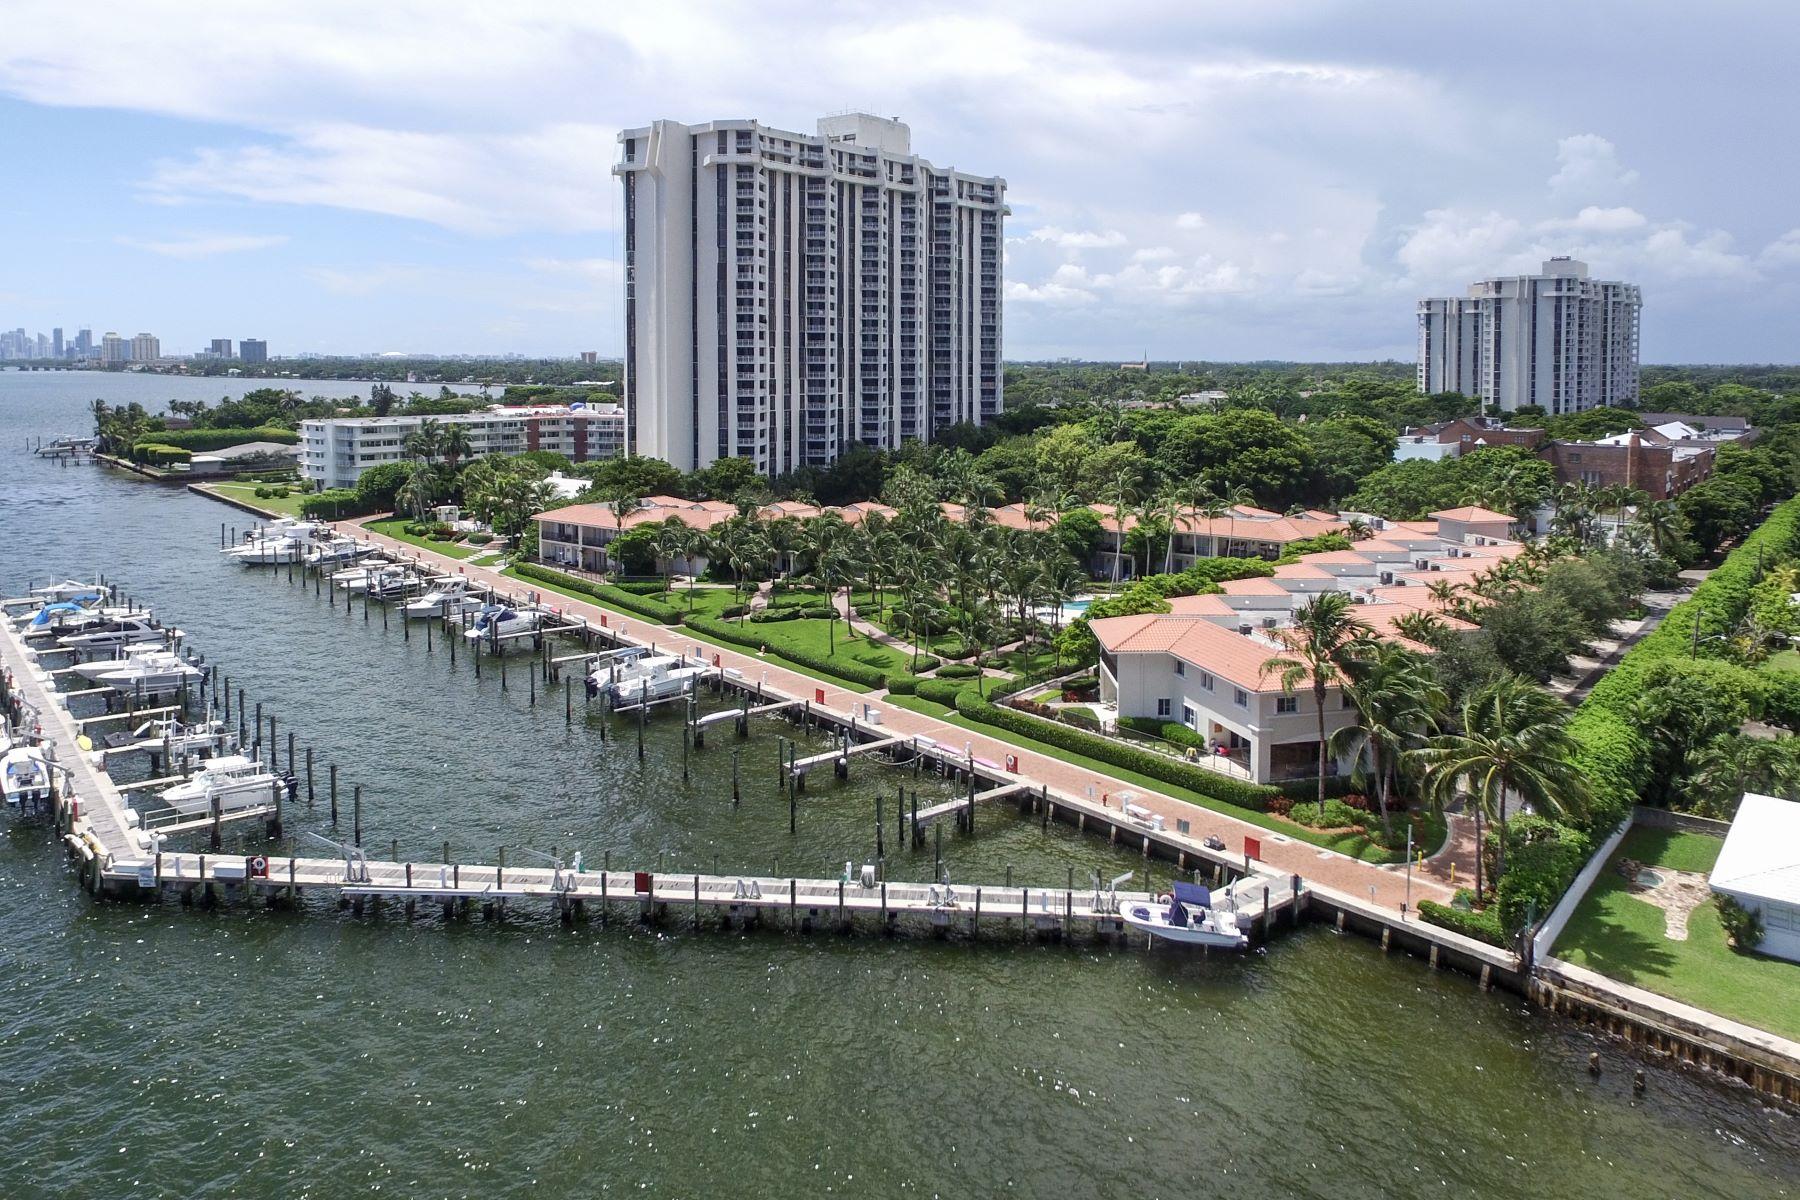 Appartement pour l Vente à 4000 Towerside Ter #1402/1 4000 Towerside Ter 1402/1 Miami, Florida, 33138 États-Unis